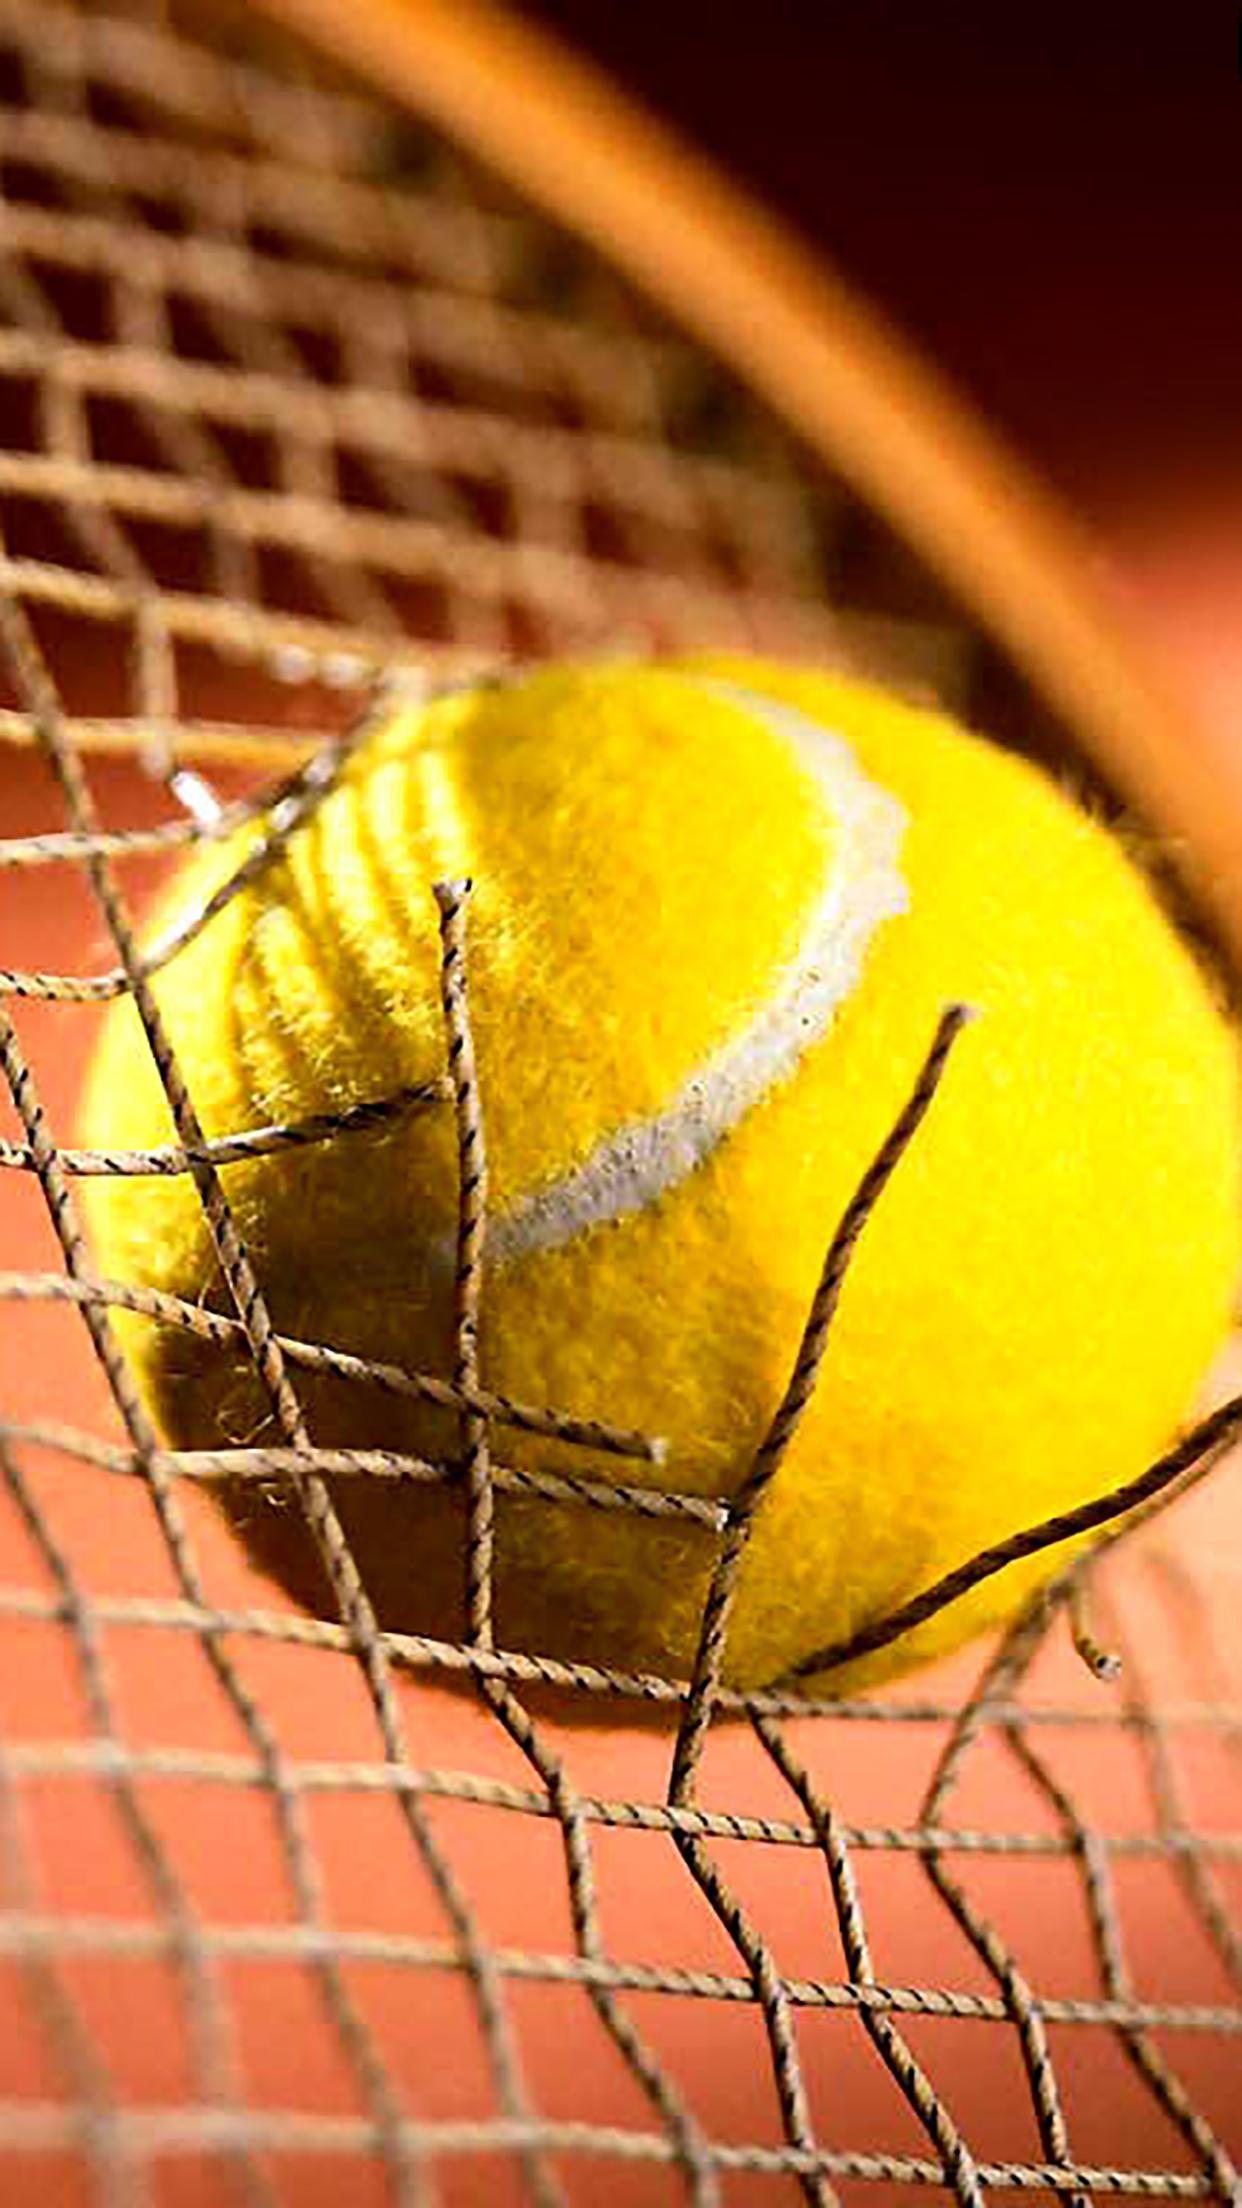 Tennis Ball 1 3Wallpapers iPhone Parallax Tennis Ball : 1